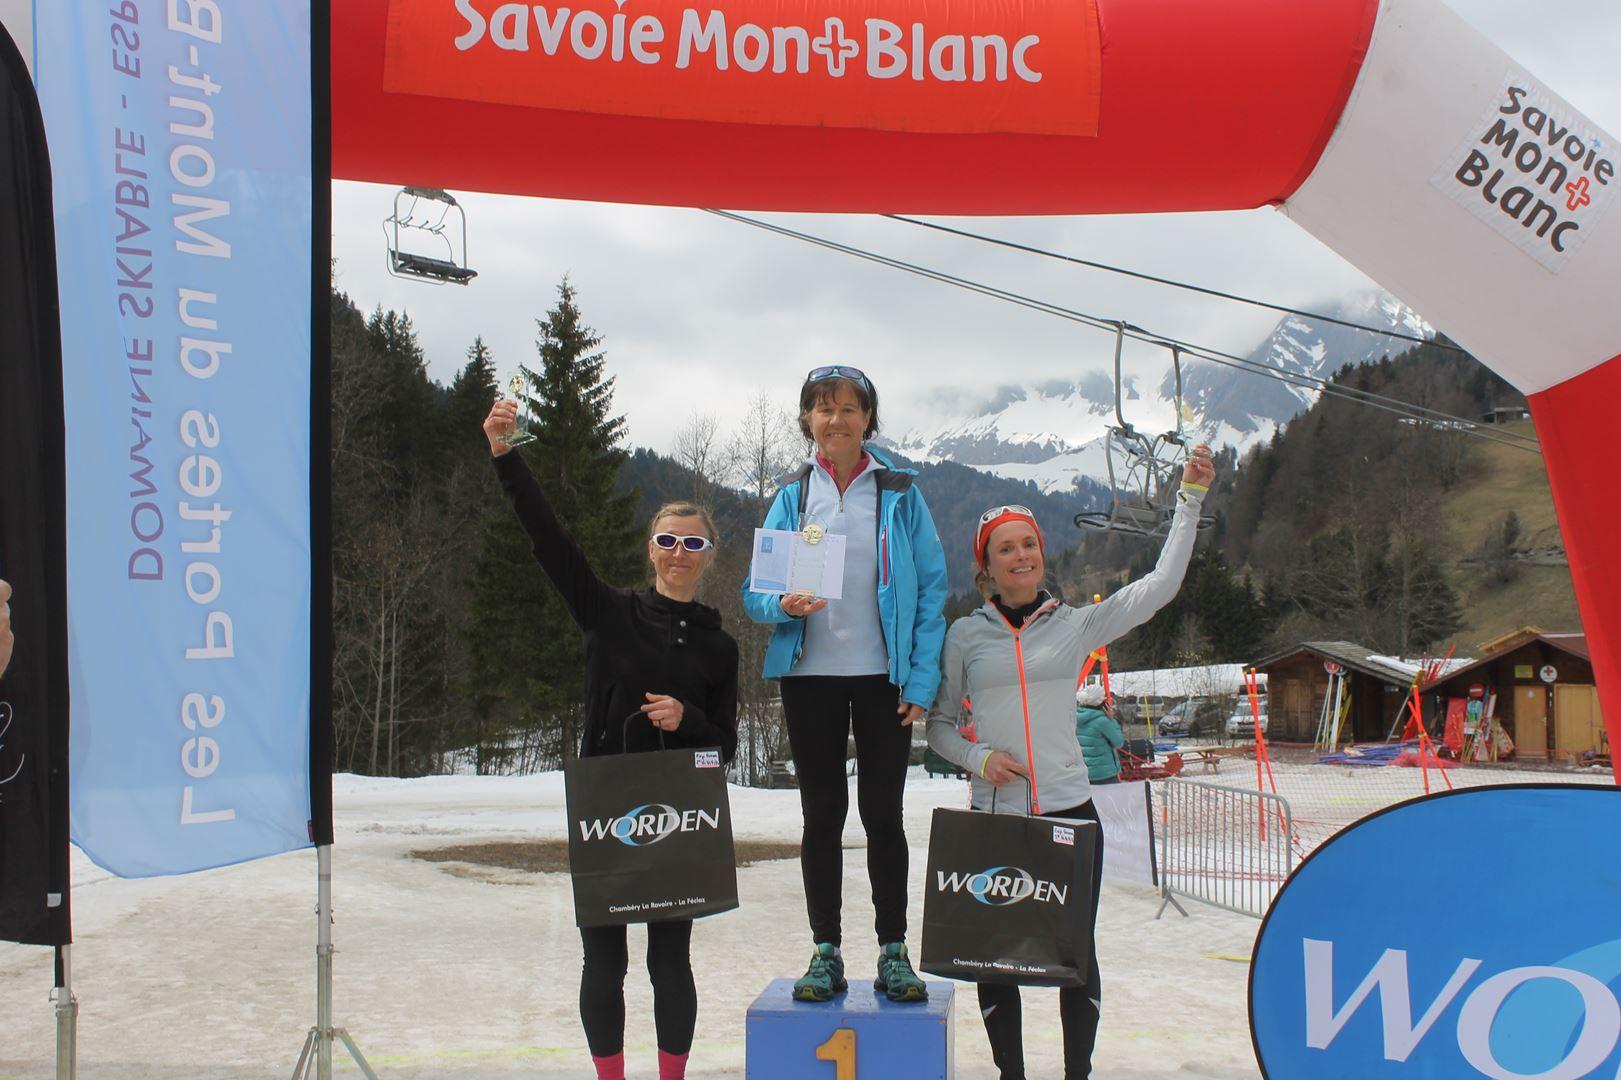 podium vétéranes femmes 17km - RESULTATS ET REPORTAGE SUR LA 8EME EDITION DE l'ARAVIS SNOW TRAIL  (LA GIETTAZ 73)